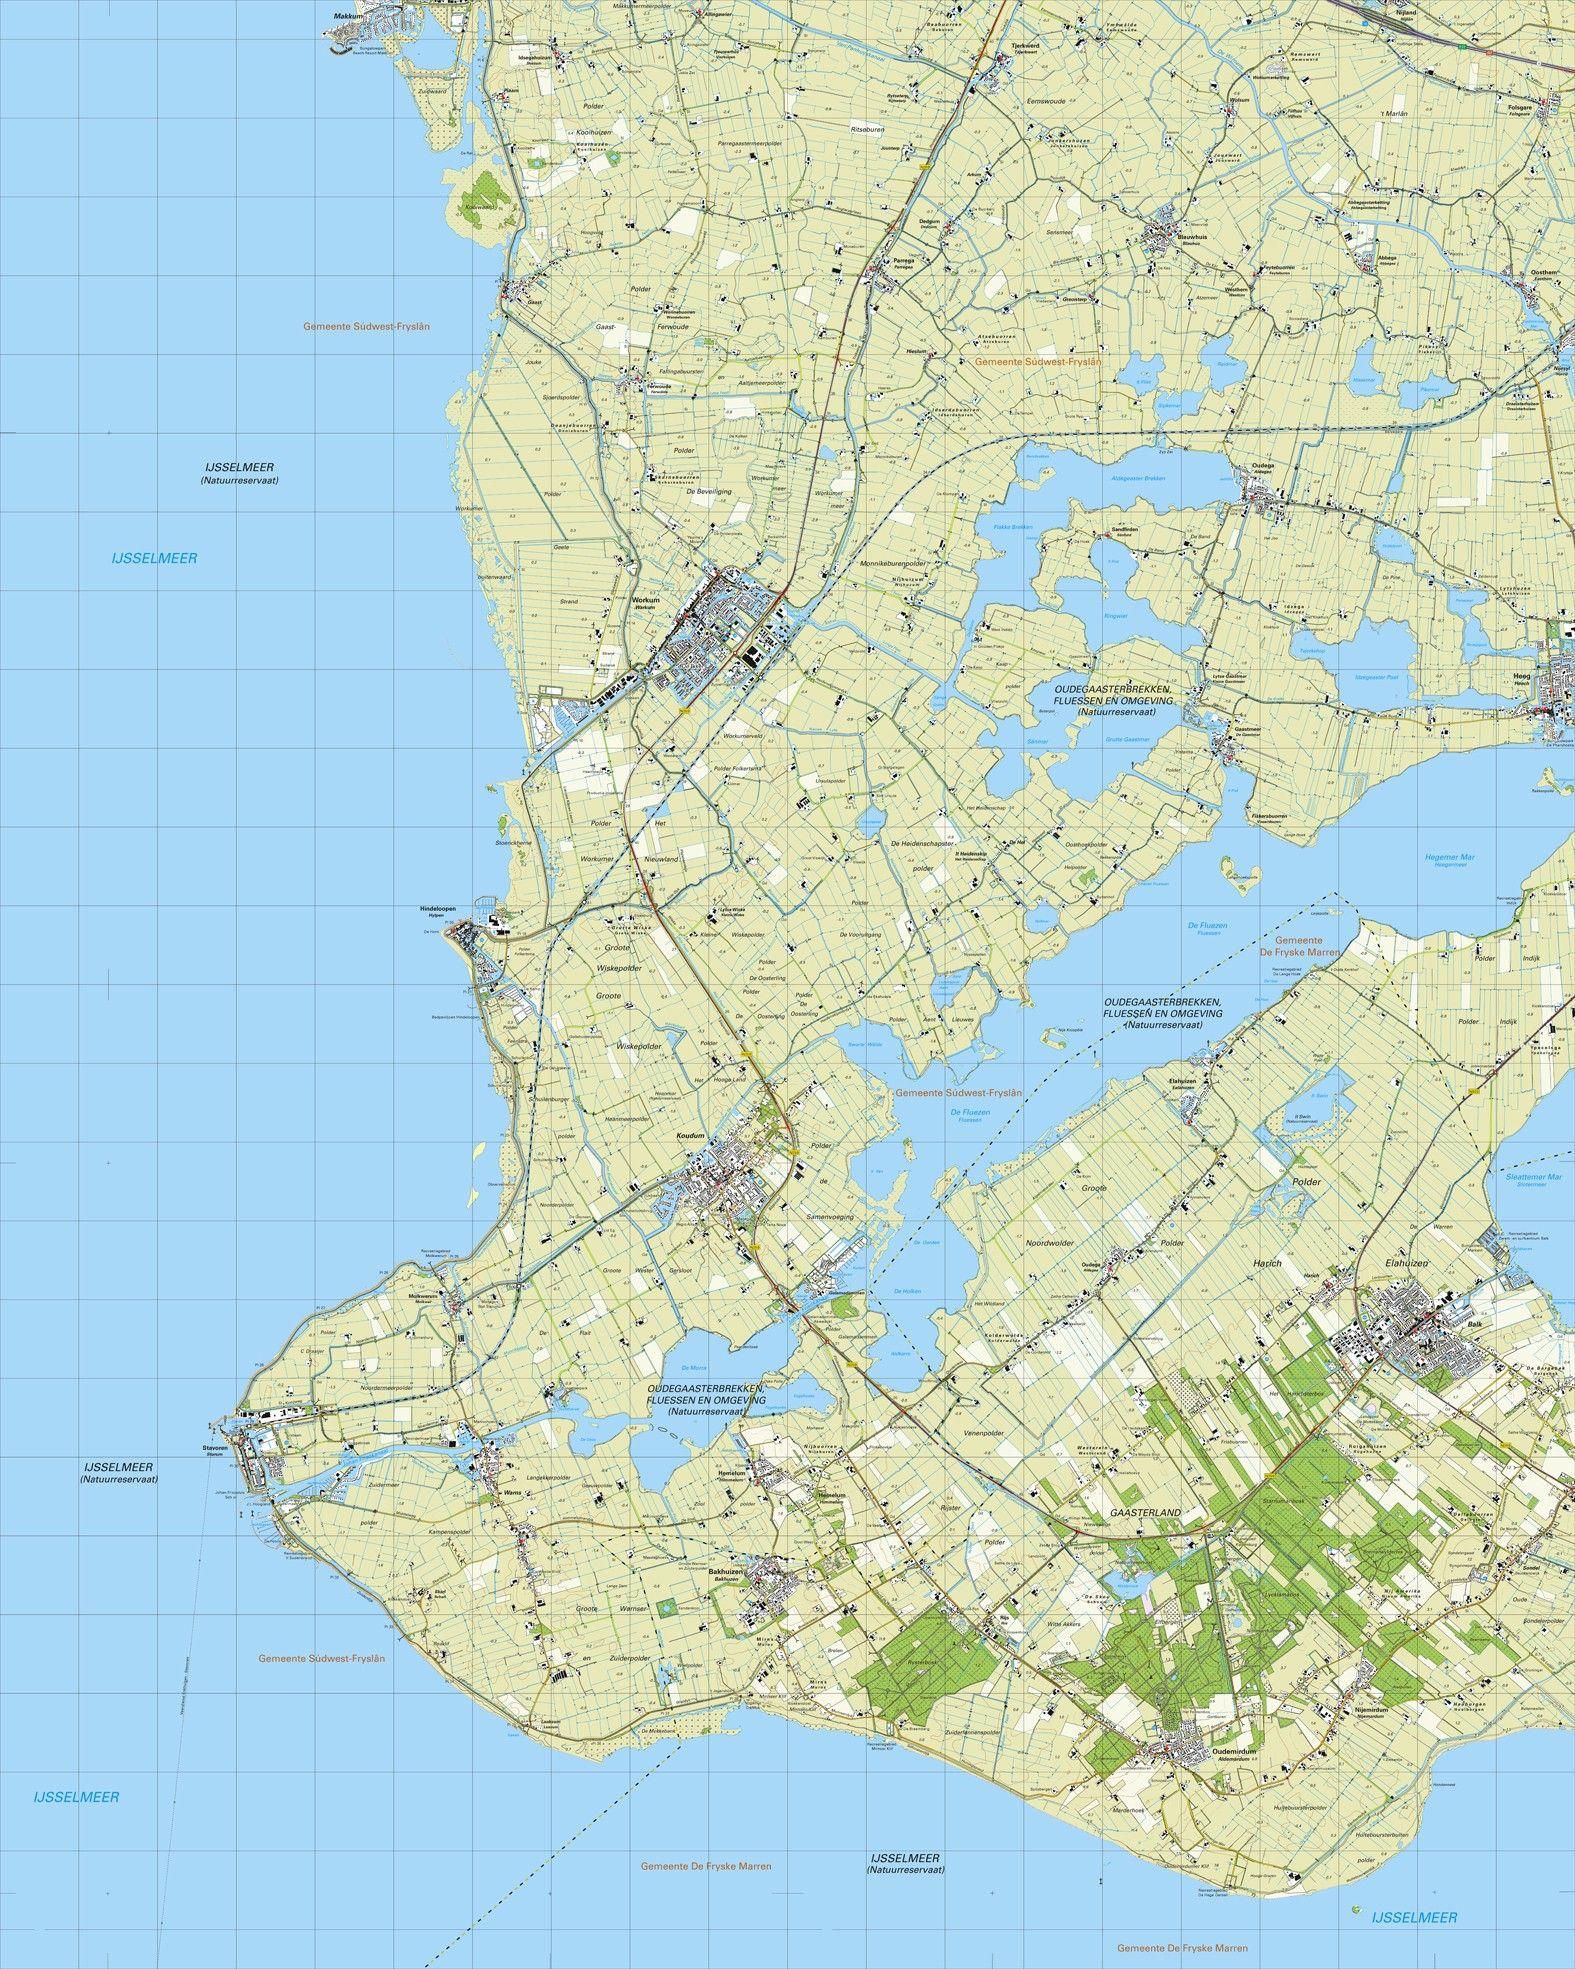 Topografische kaart schaal 1:25.000 (Makkum, Workum, Hindeloopen, Stavoren, Oudemirdum, Balk)